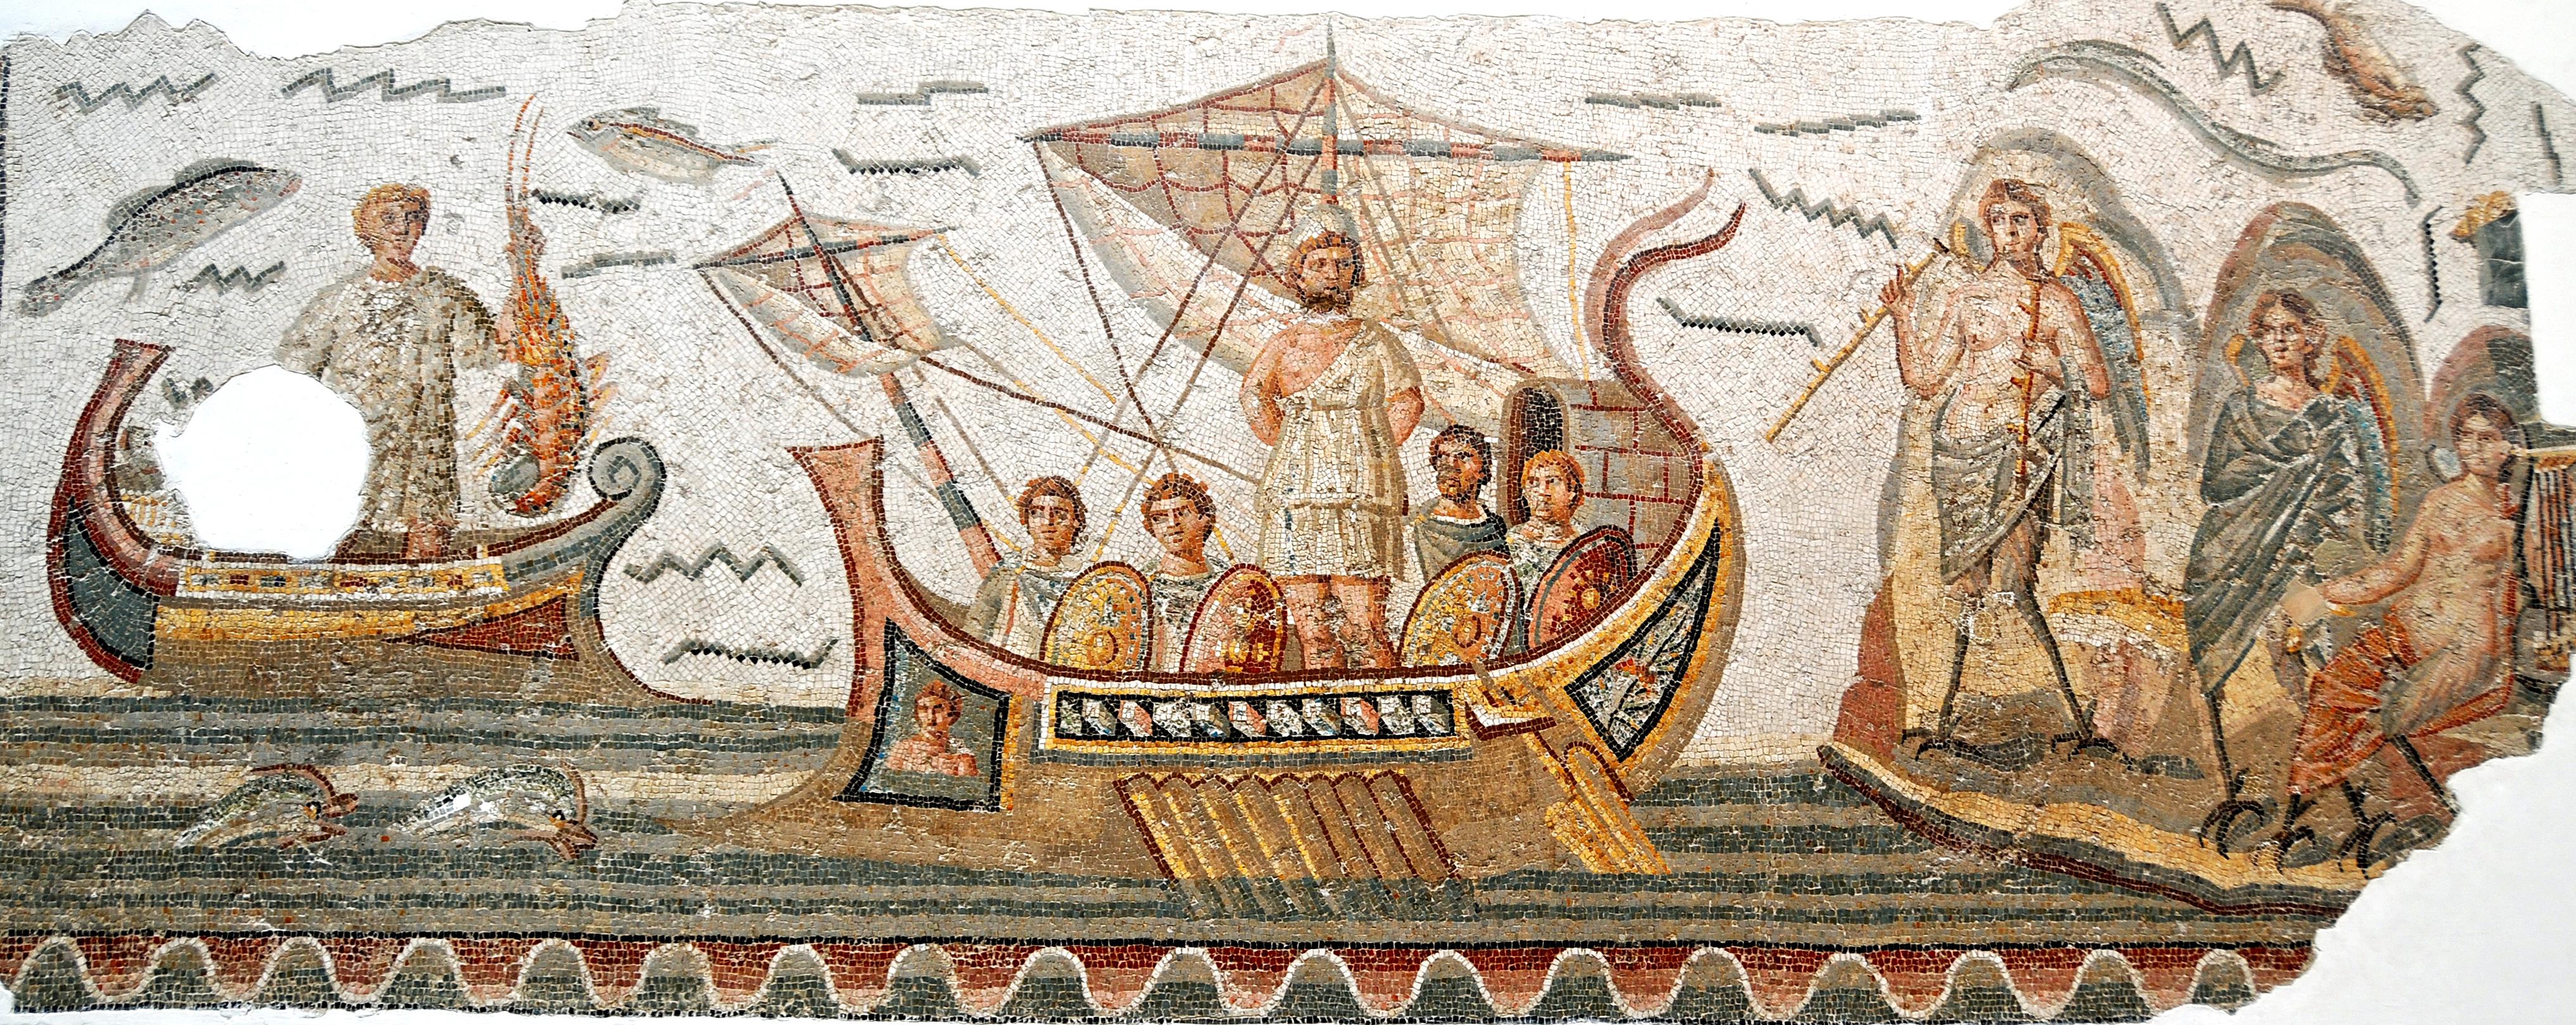 Bardo Mosaic Ulysse